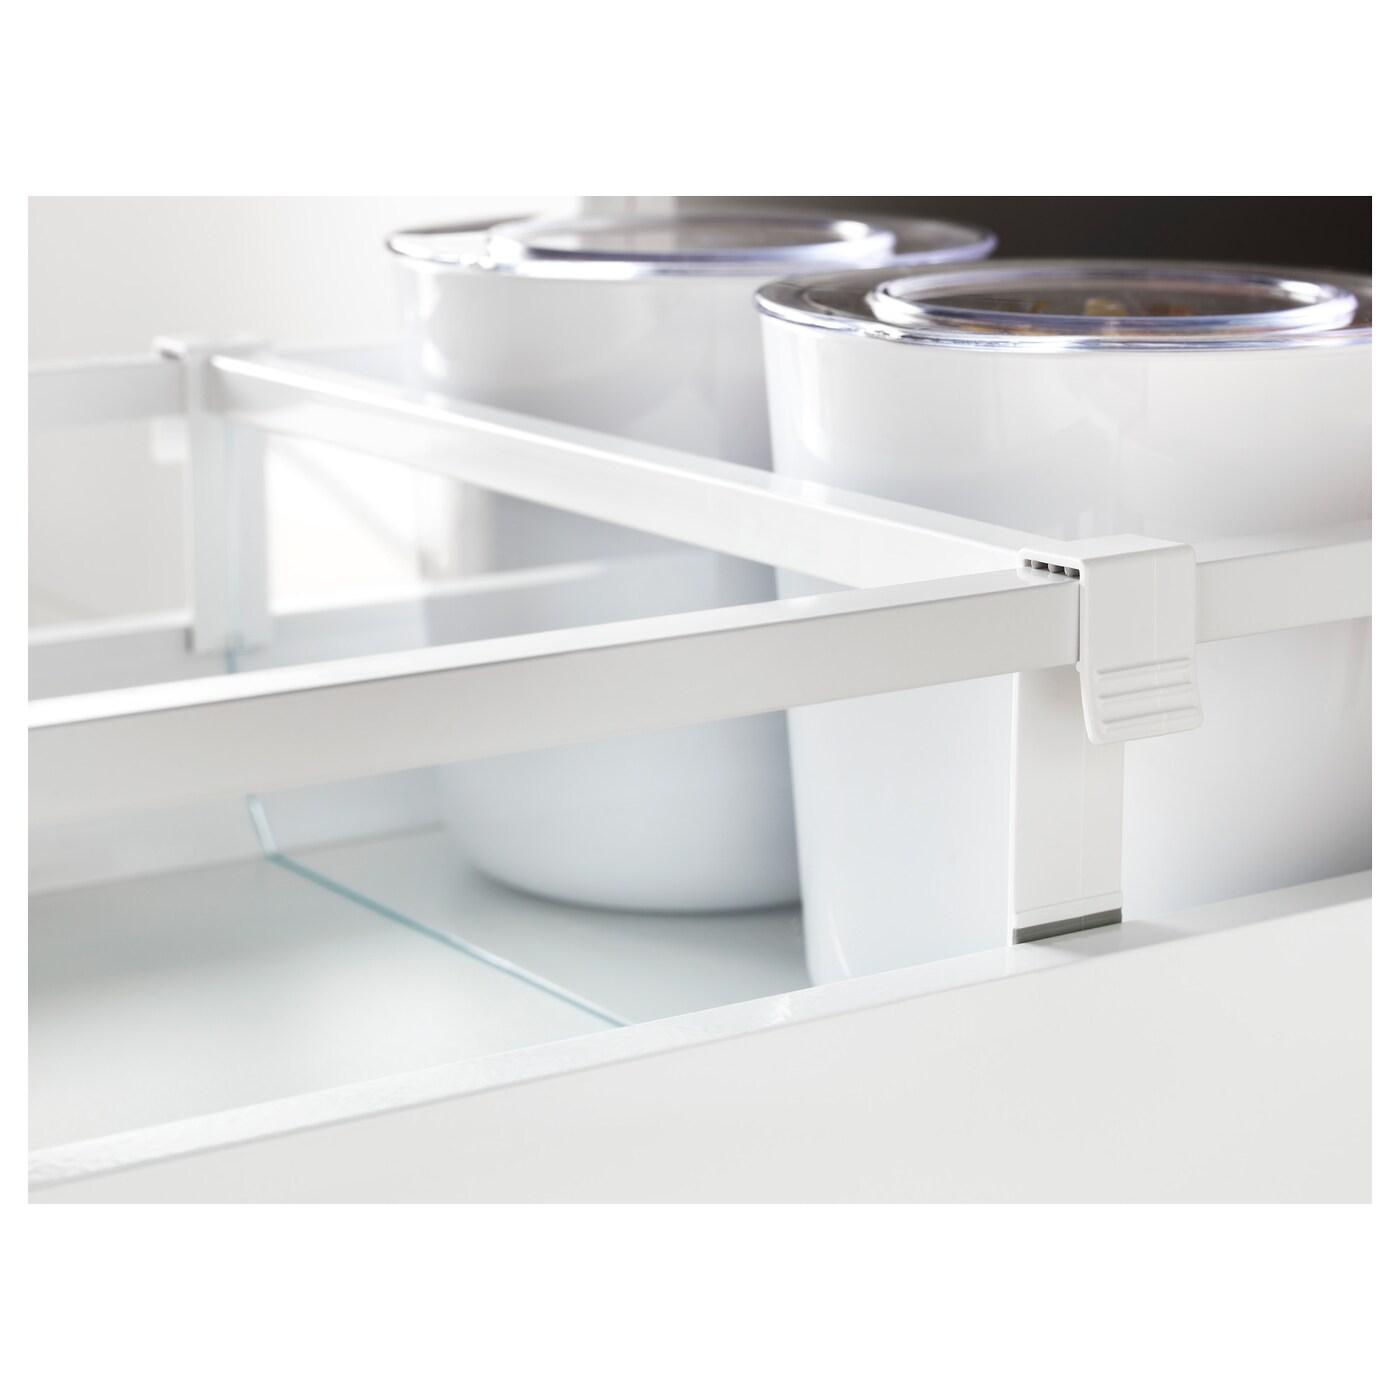 maximera s parateur pour tiroir moyen blanc transparent 40 cm ikea. Black Bedroom Furniture Sets. Home Design Ideas